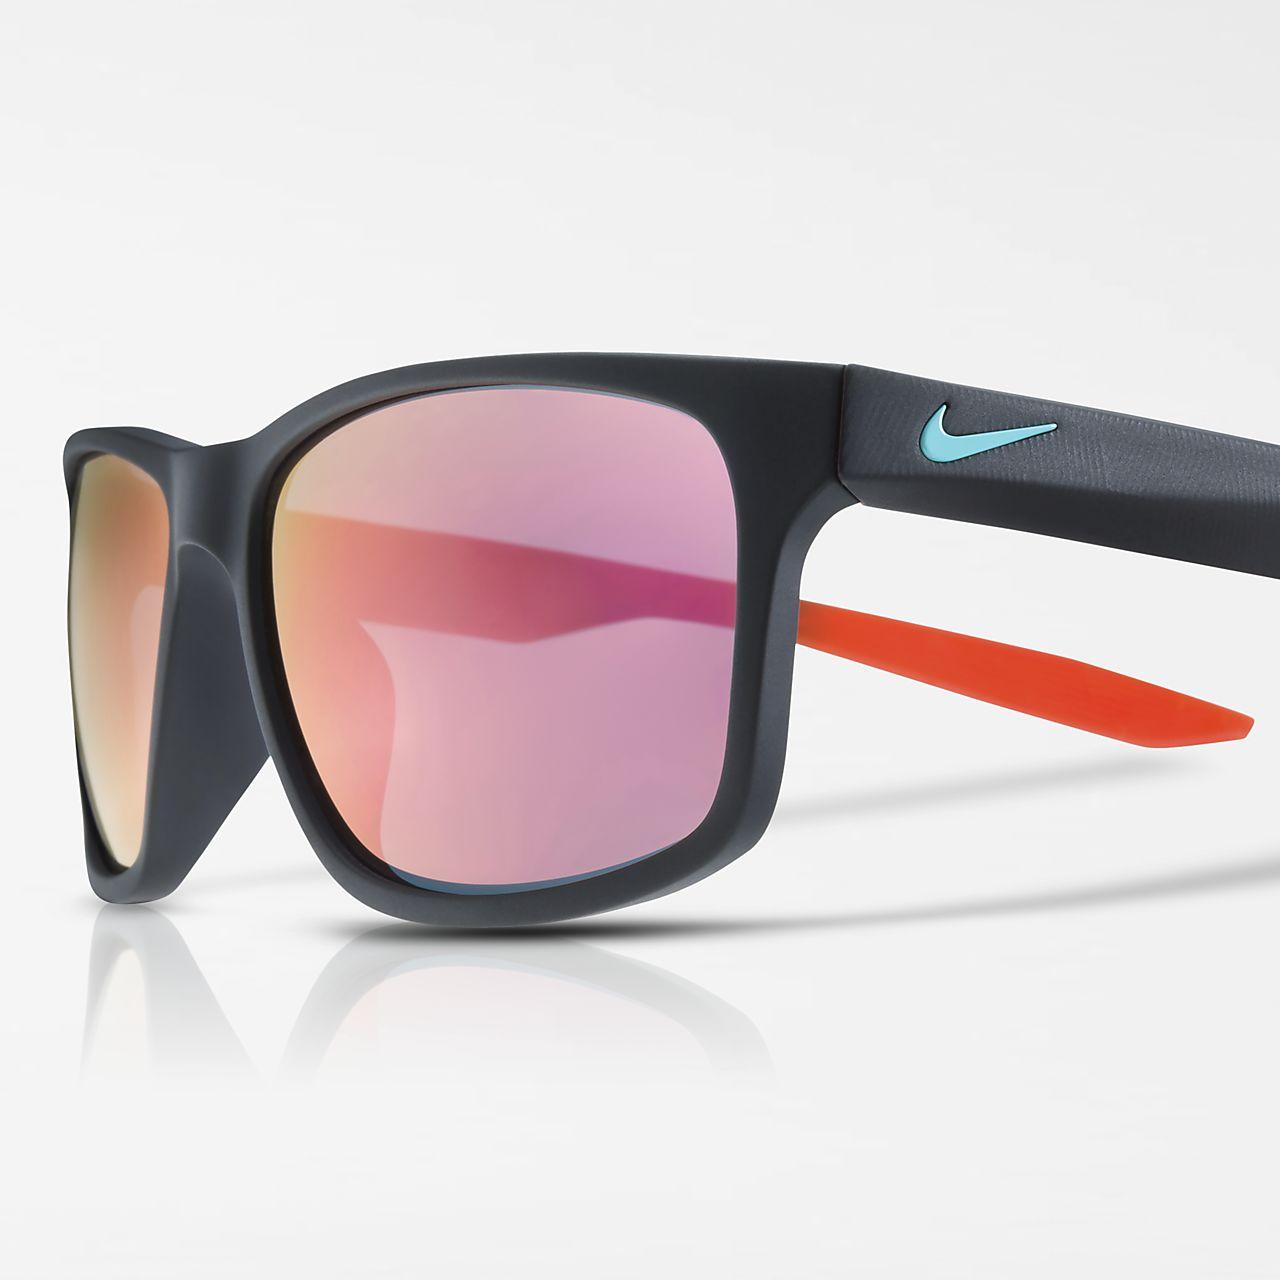 Nike Essential Venture Mirrored Sonnenbrille - Schwarz svifgpdA